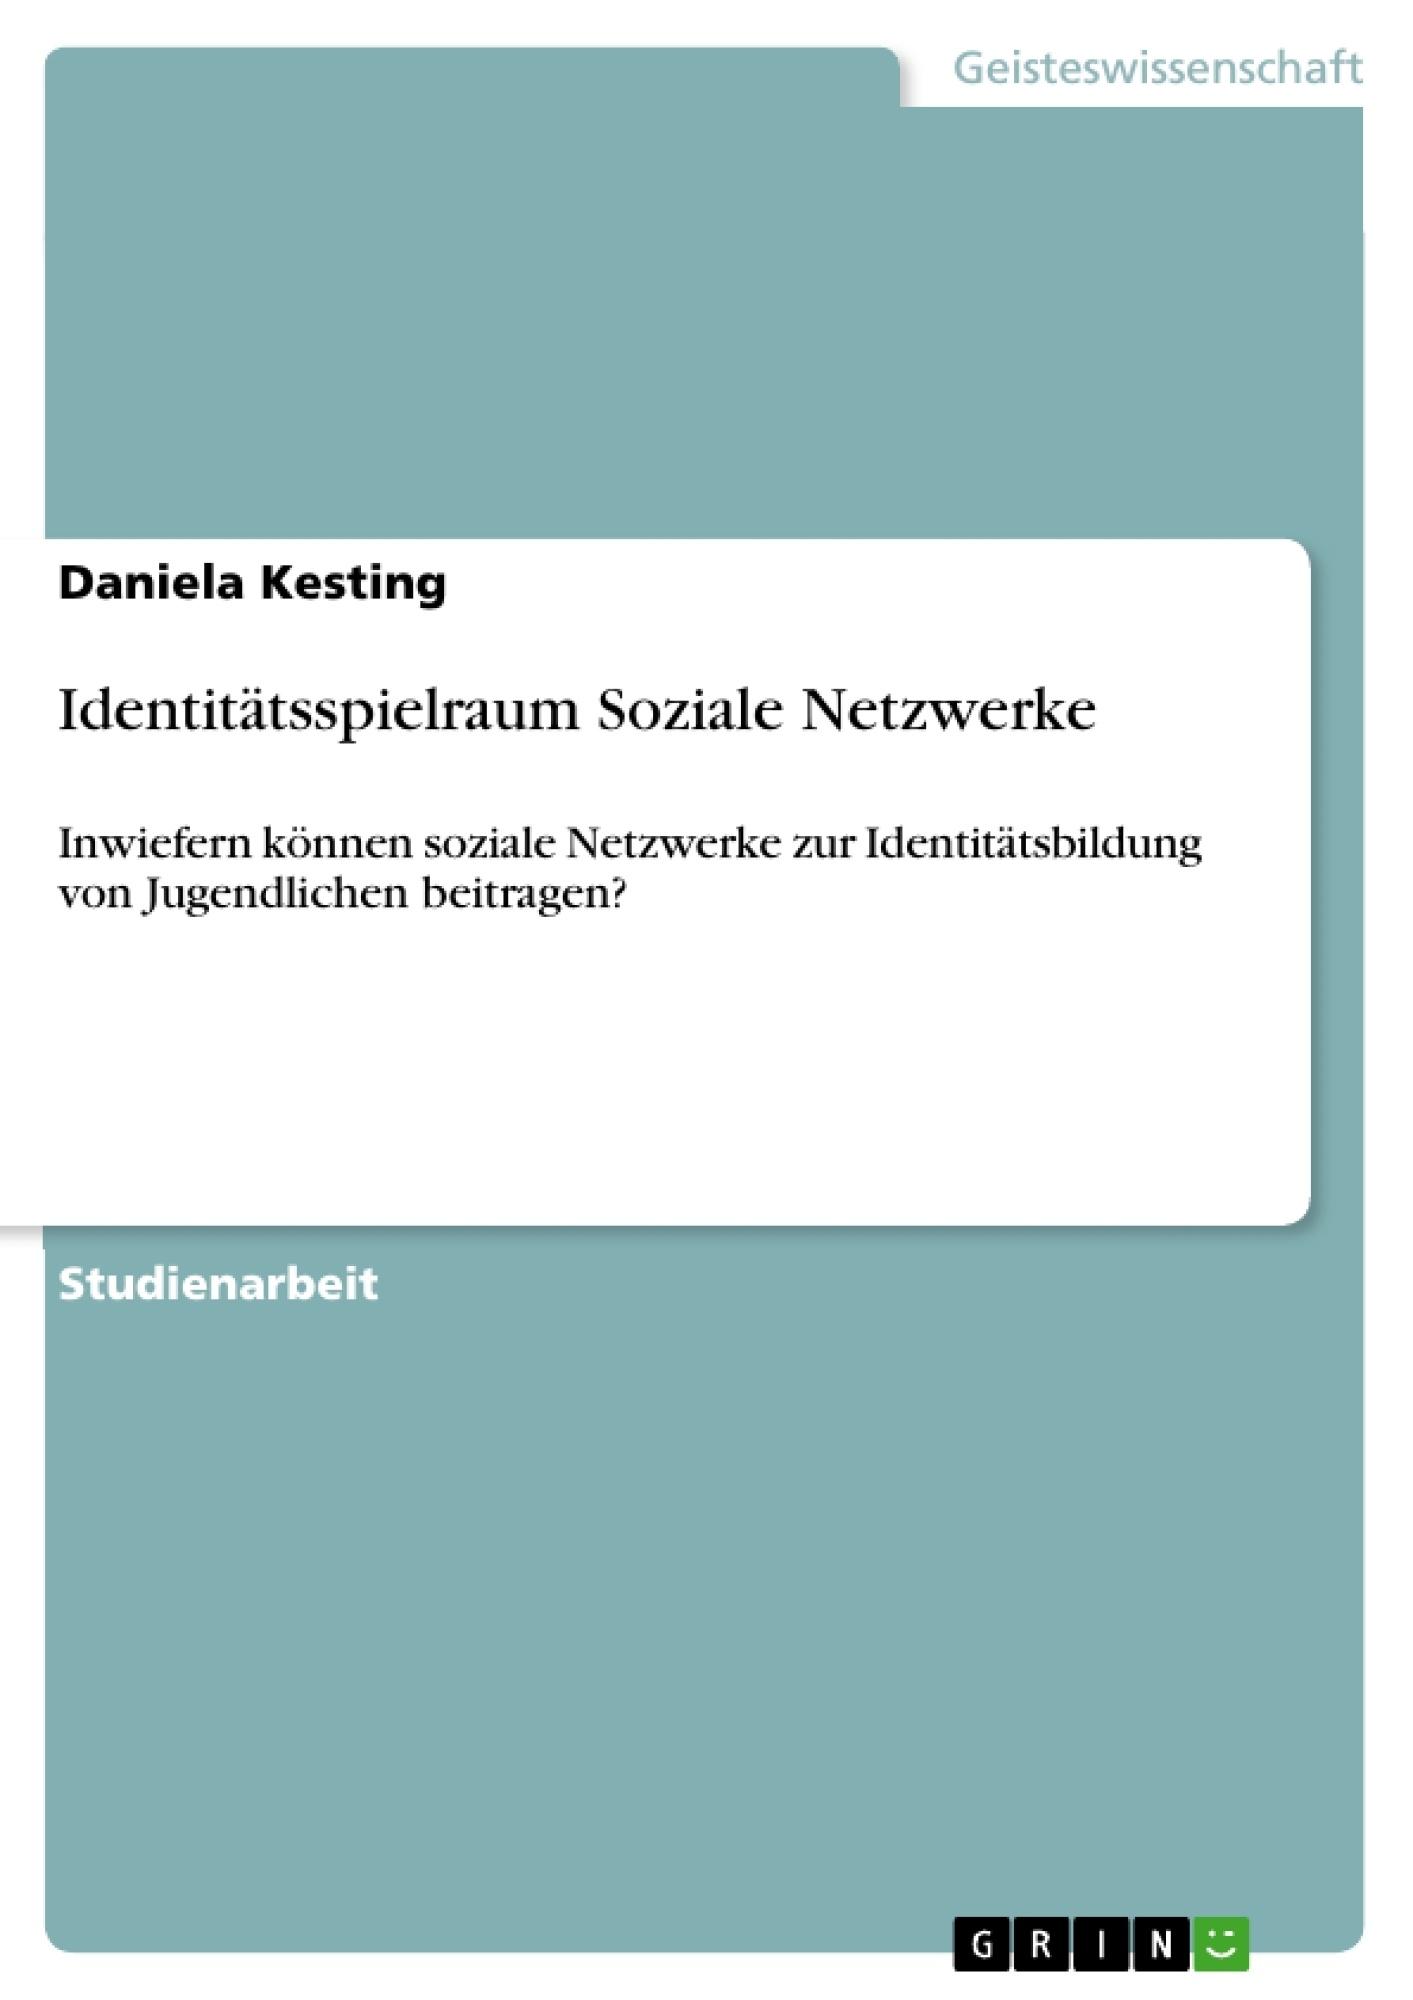 Titel: Identitätsspielraum Soziale Netzwerke